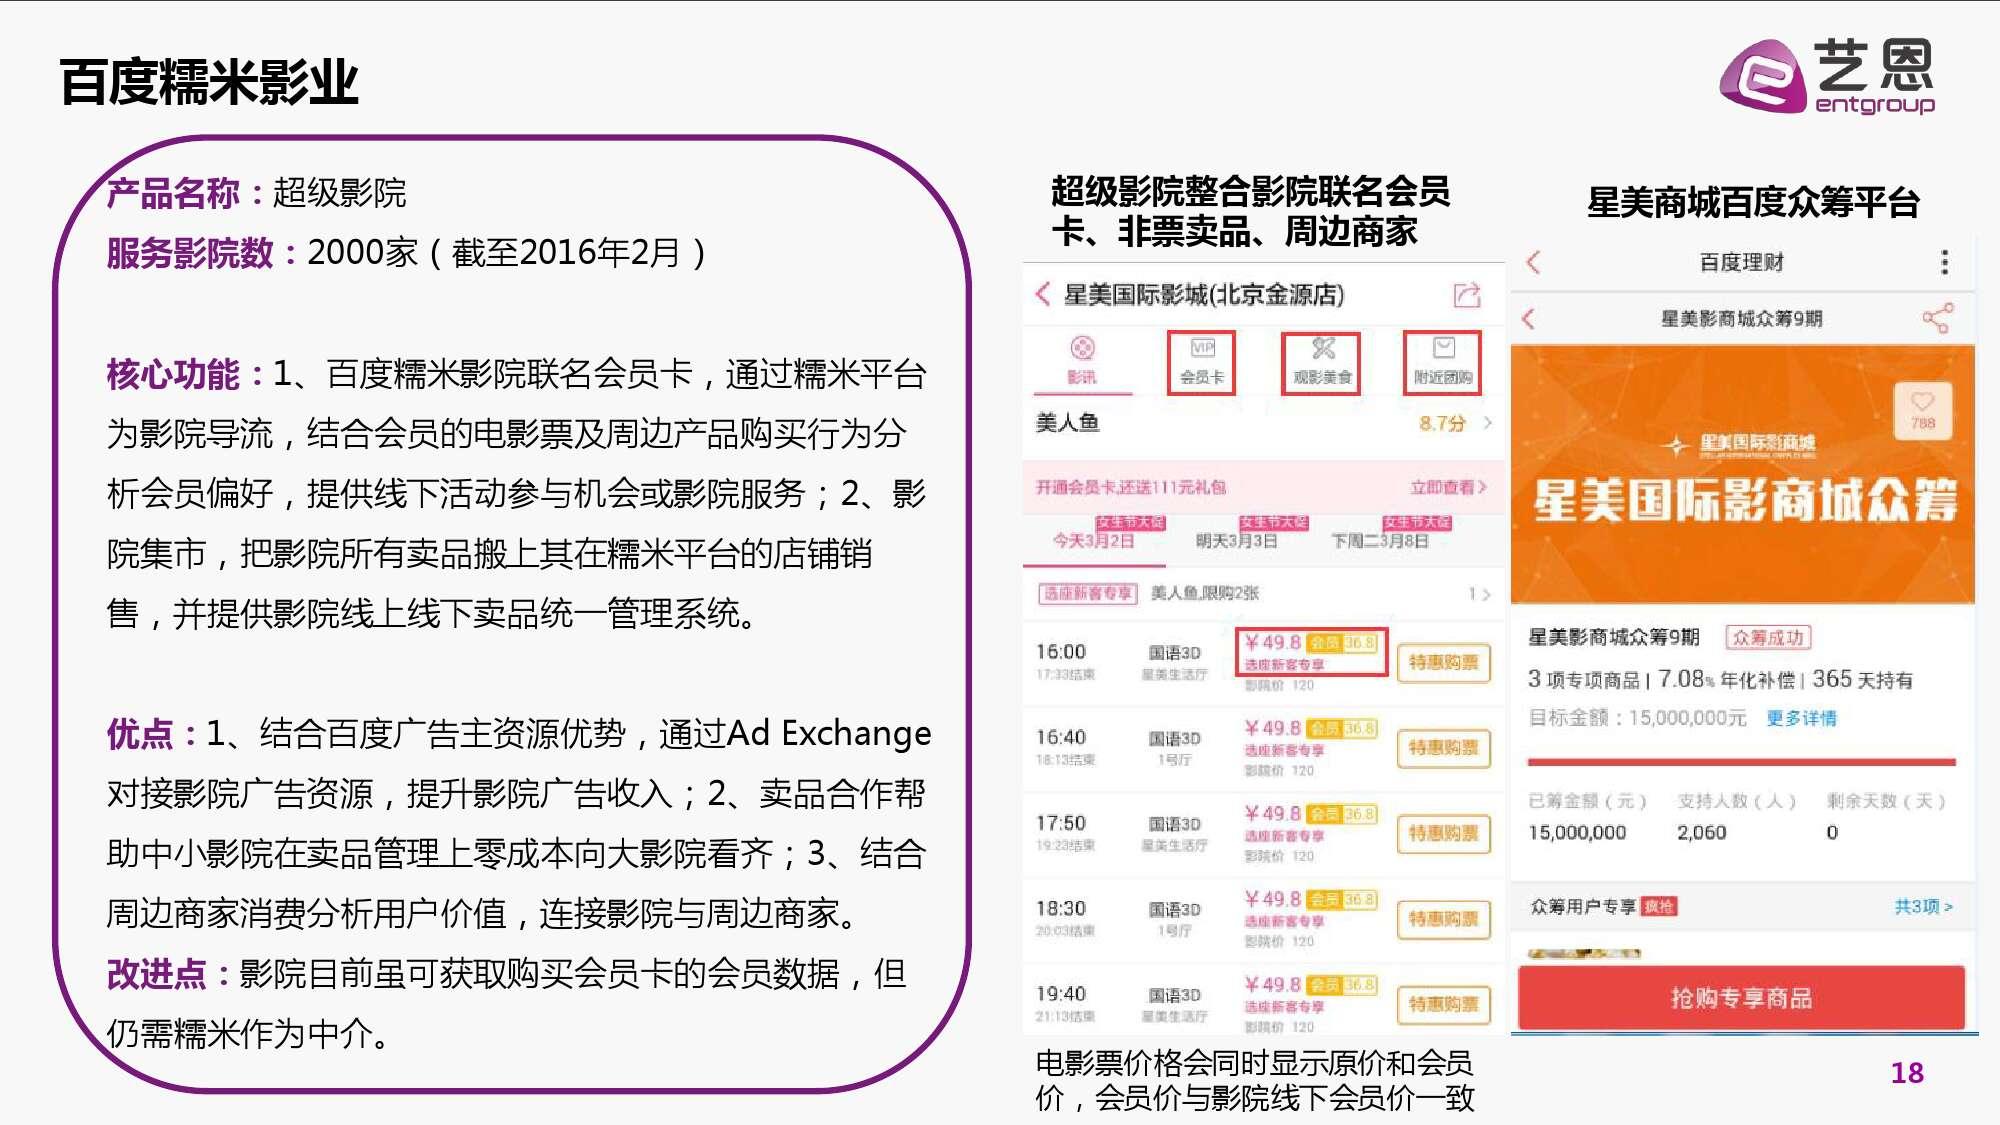 2016年中国电影在线票务市场研究报告_000018